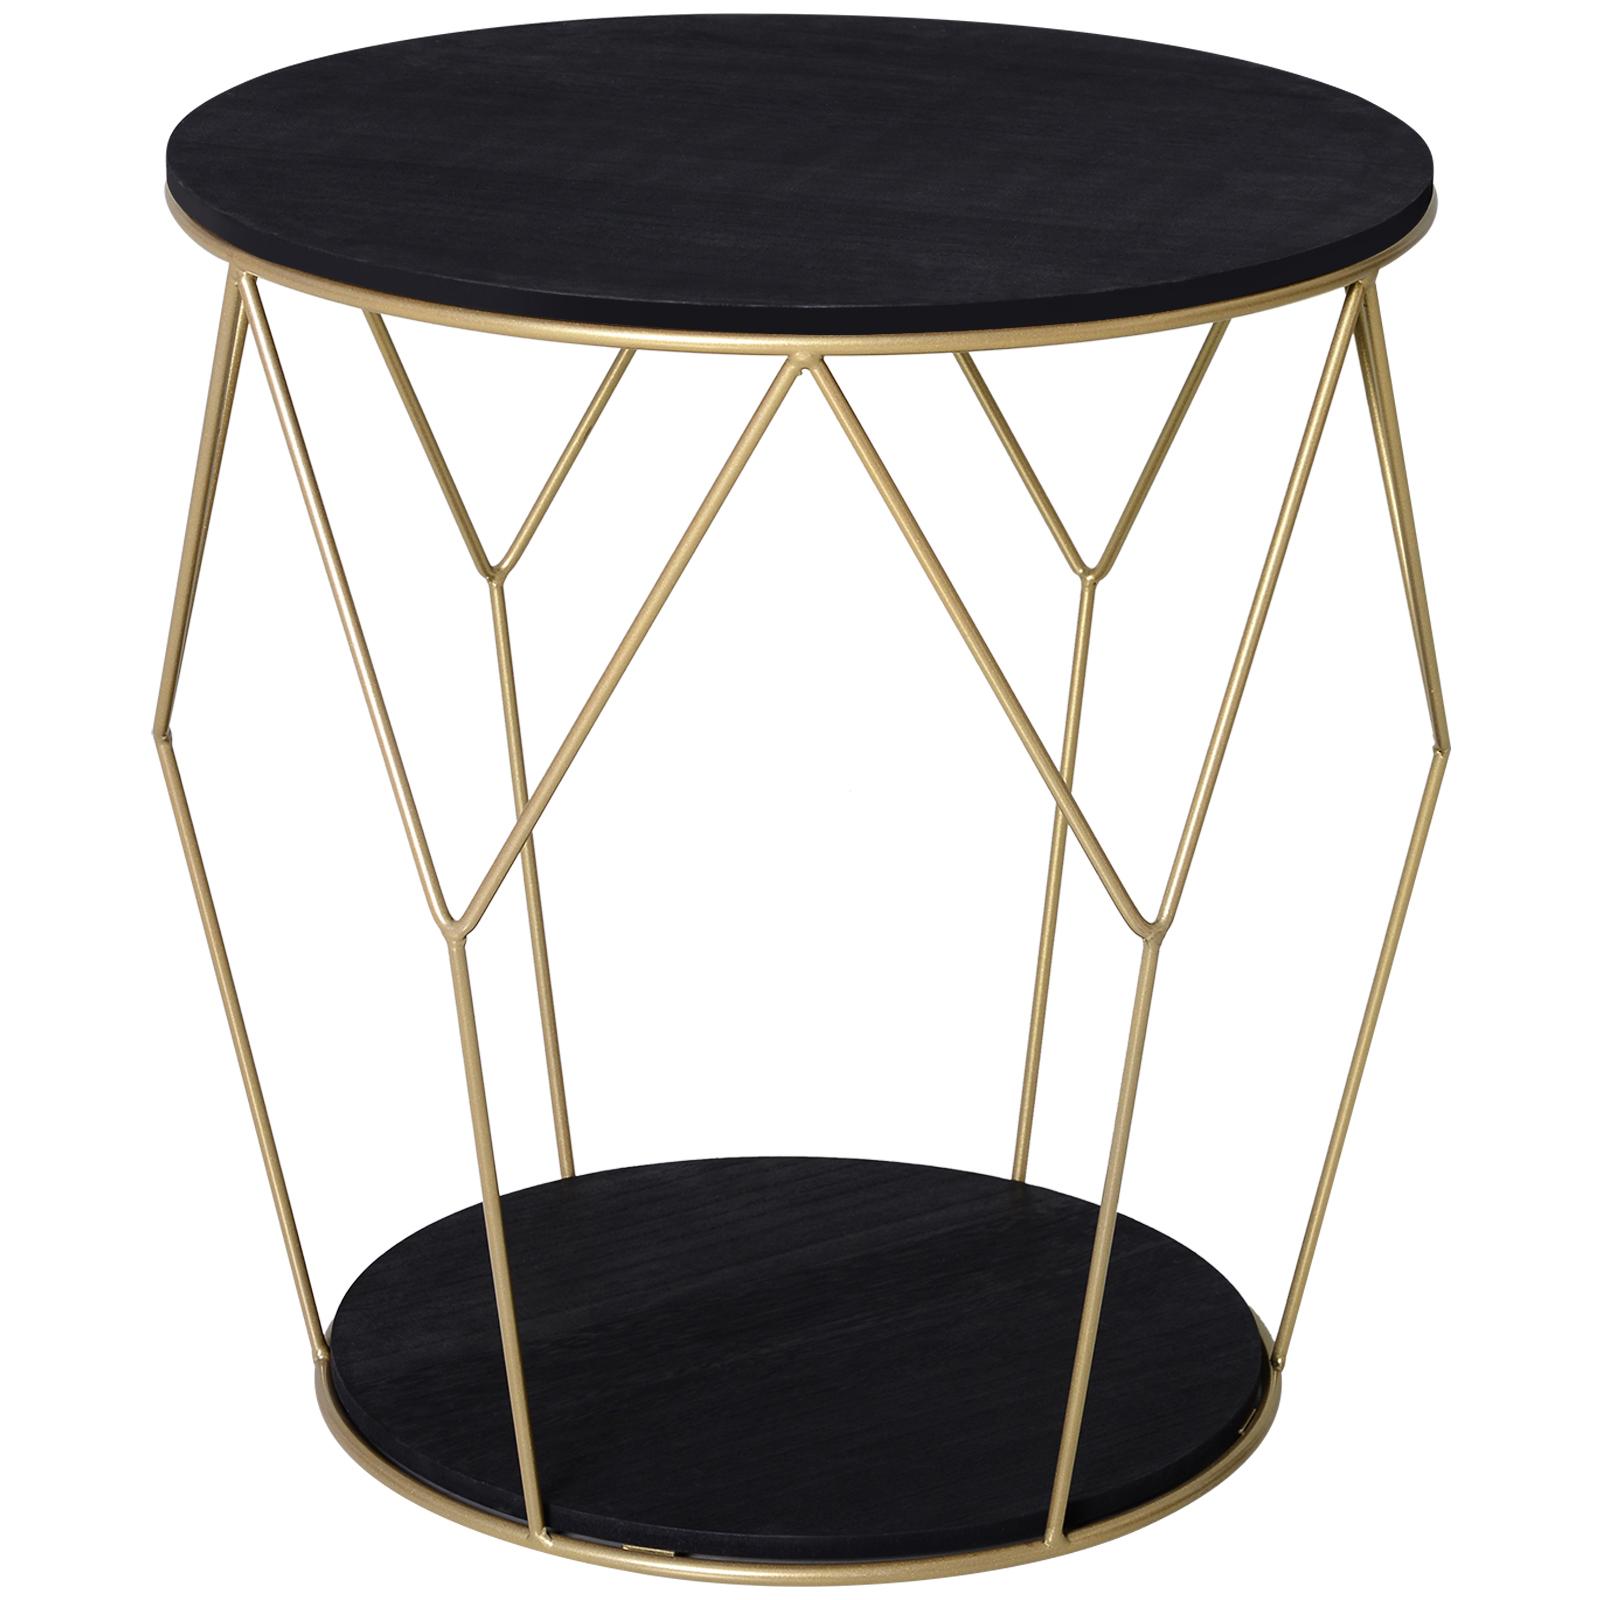 Table basse ronde design style art déco noir doré